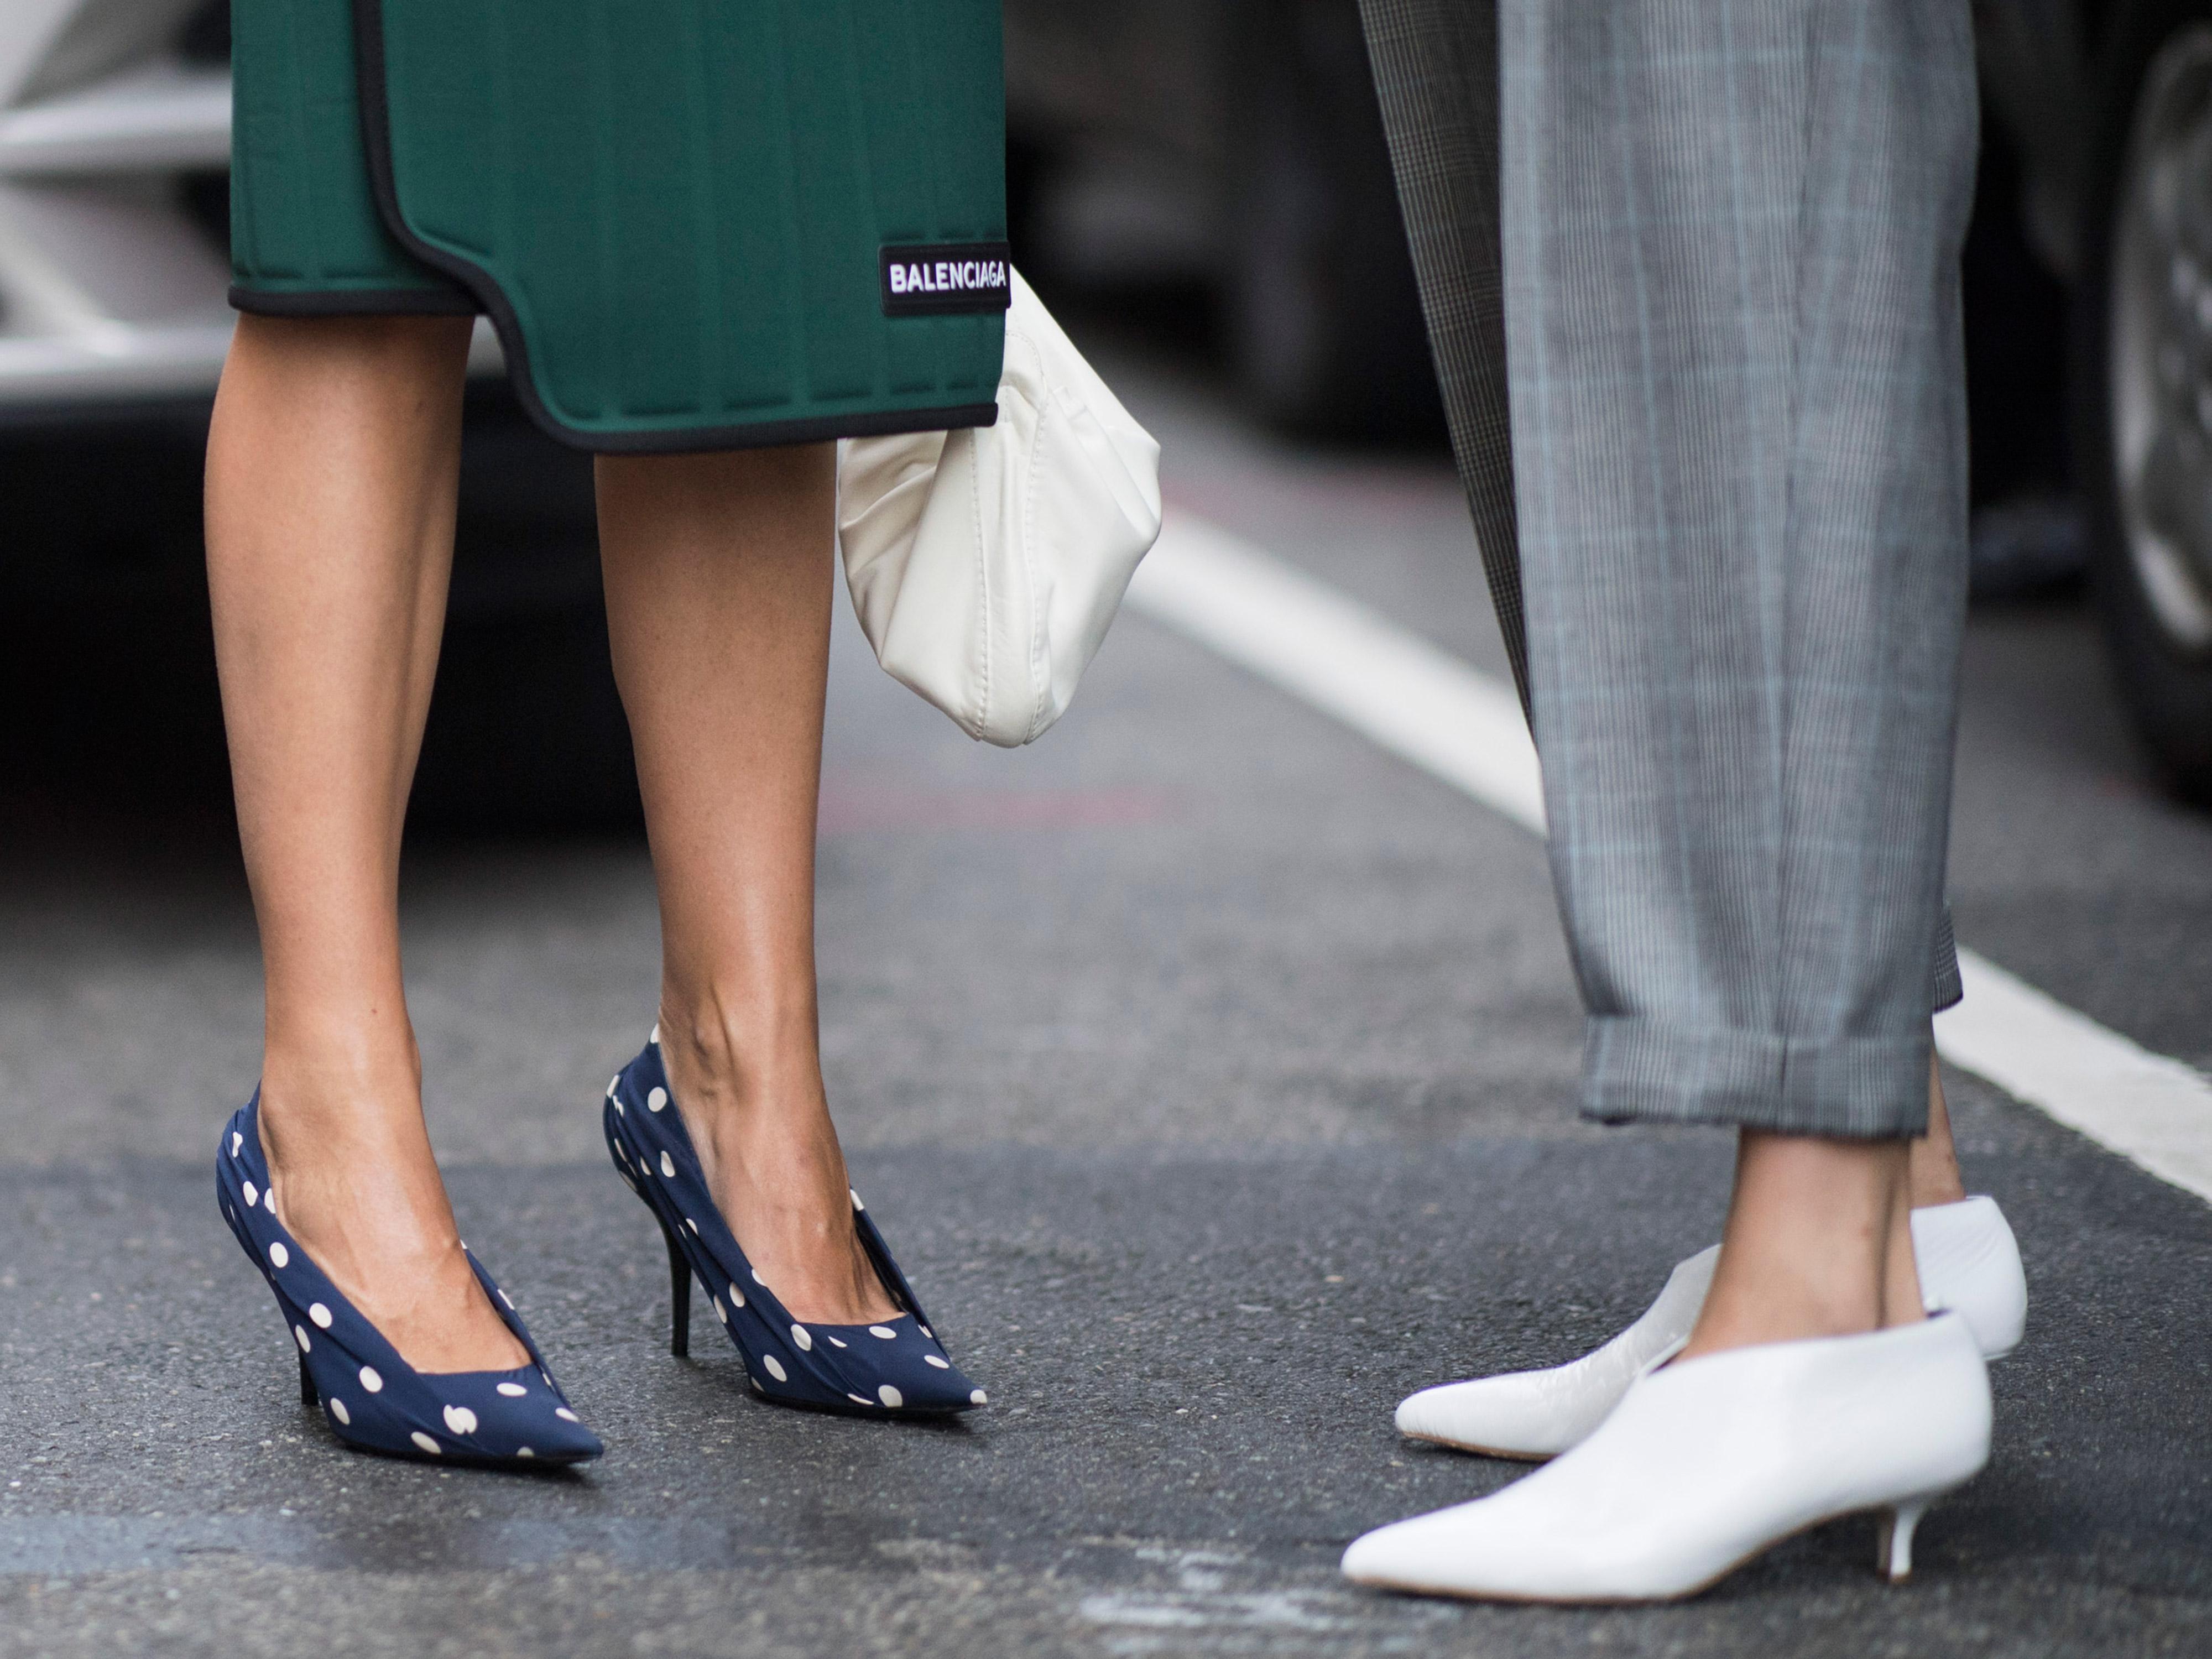 Πέντε είδη παπουτσιών που πρέπει να «ξεφορτωθείς» τώρα από την γκαρνταρόμπα σου